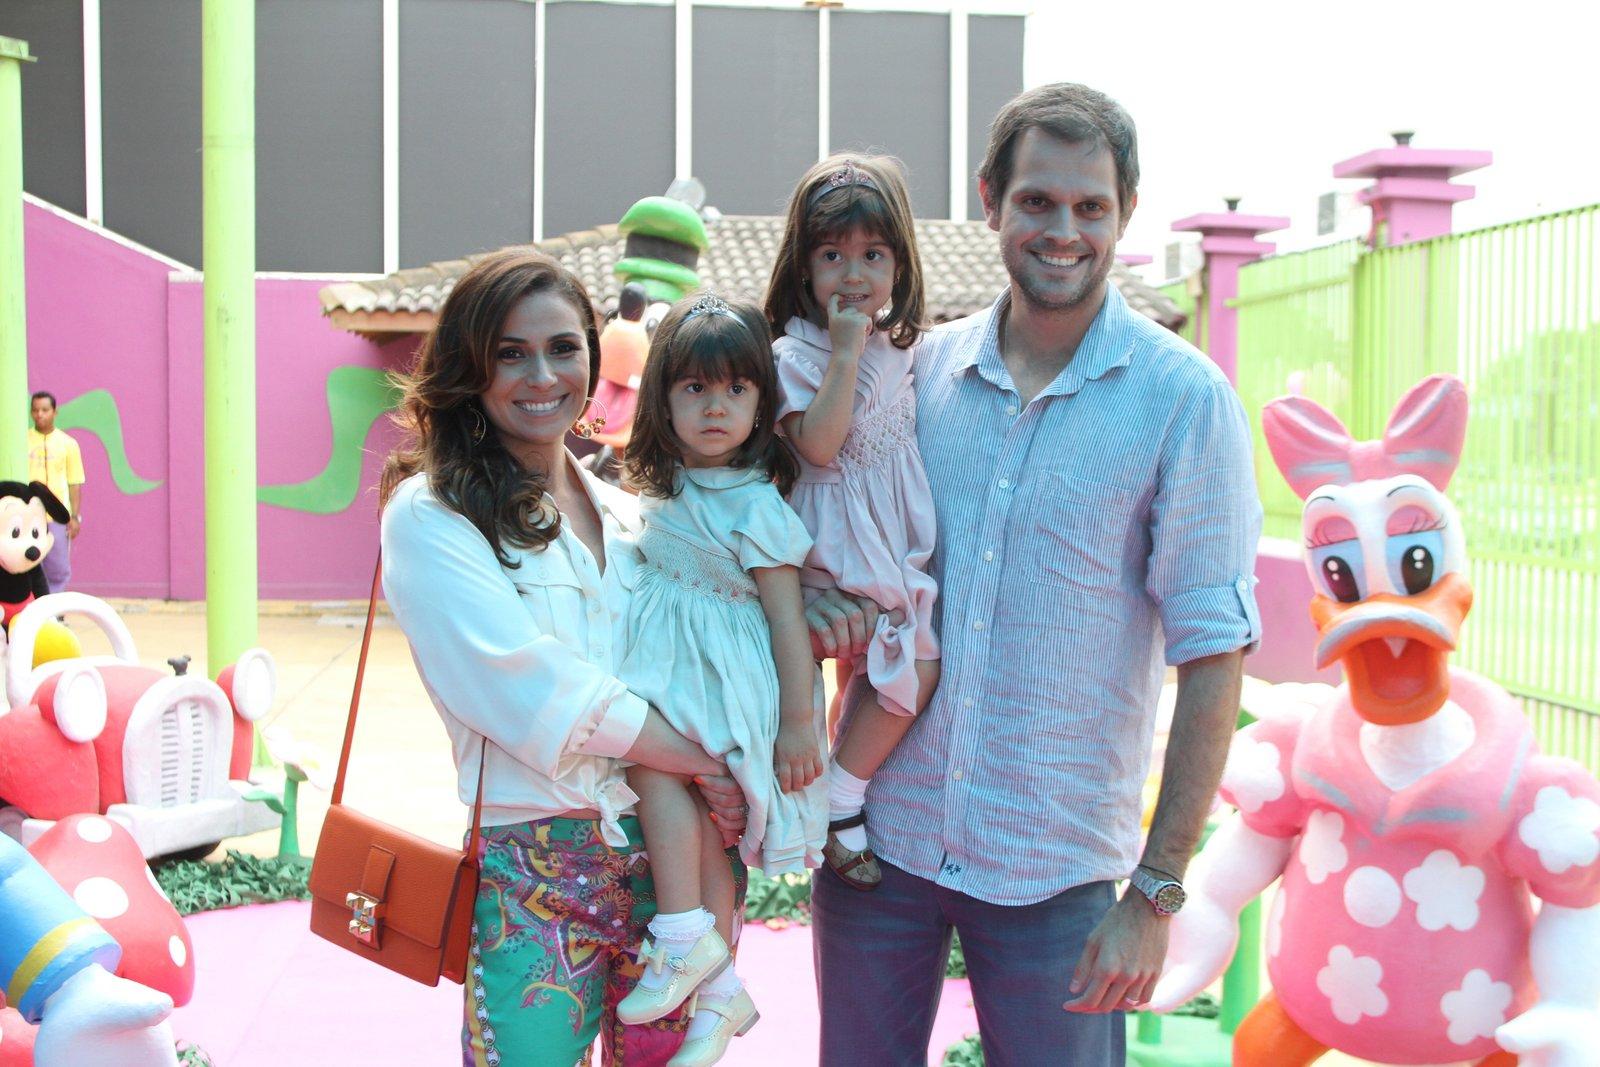 Giovanna Antonelli posa ao lado das filhas aniversariantes, Sofia e Antônia, e ao lado do marido, Leonardo Nogueira